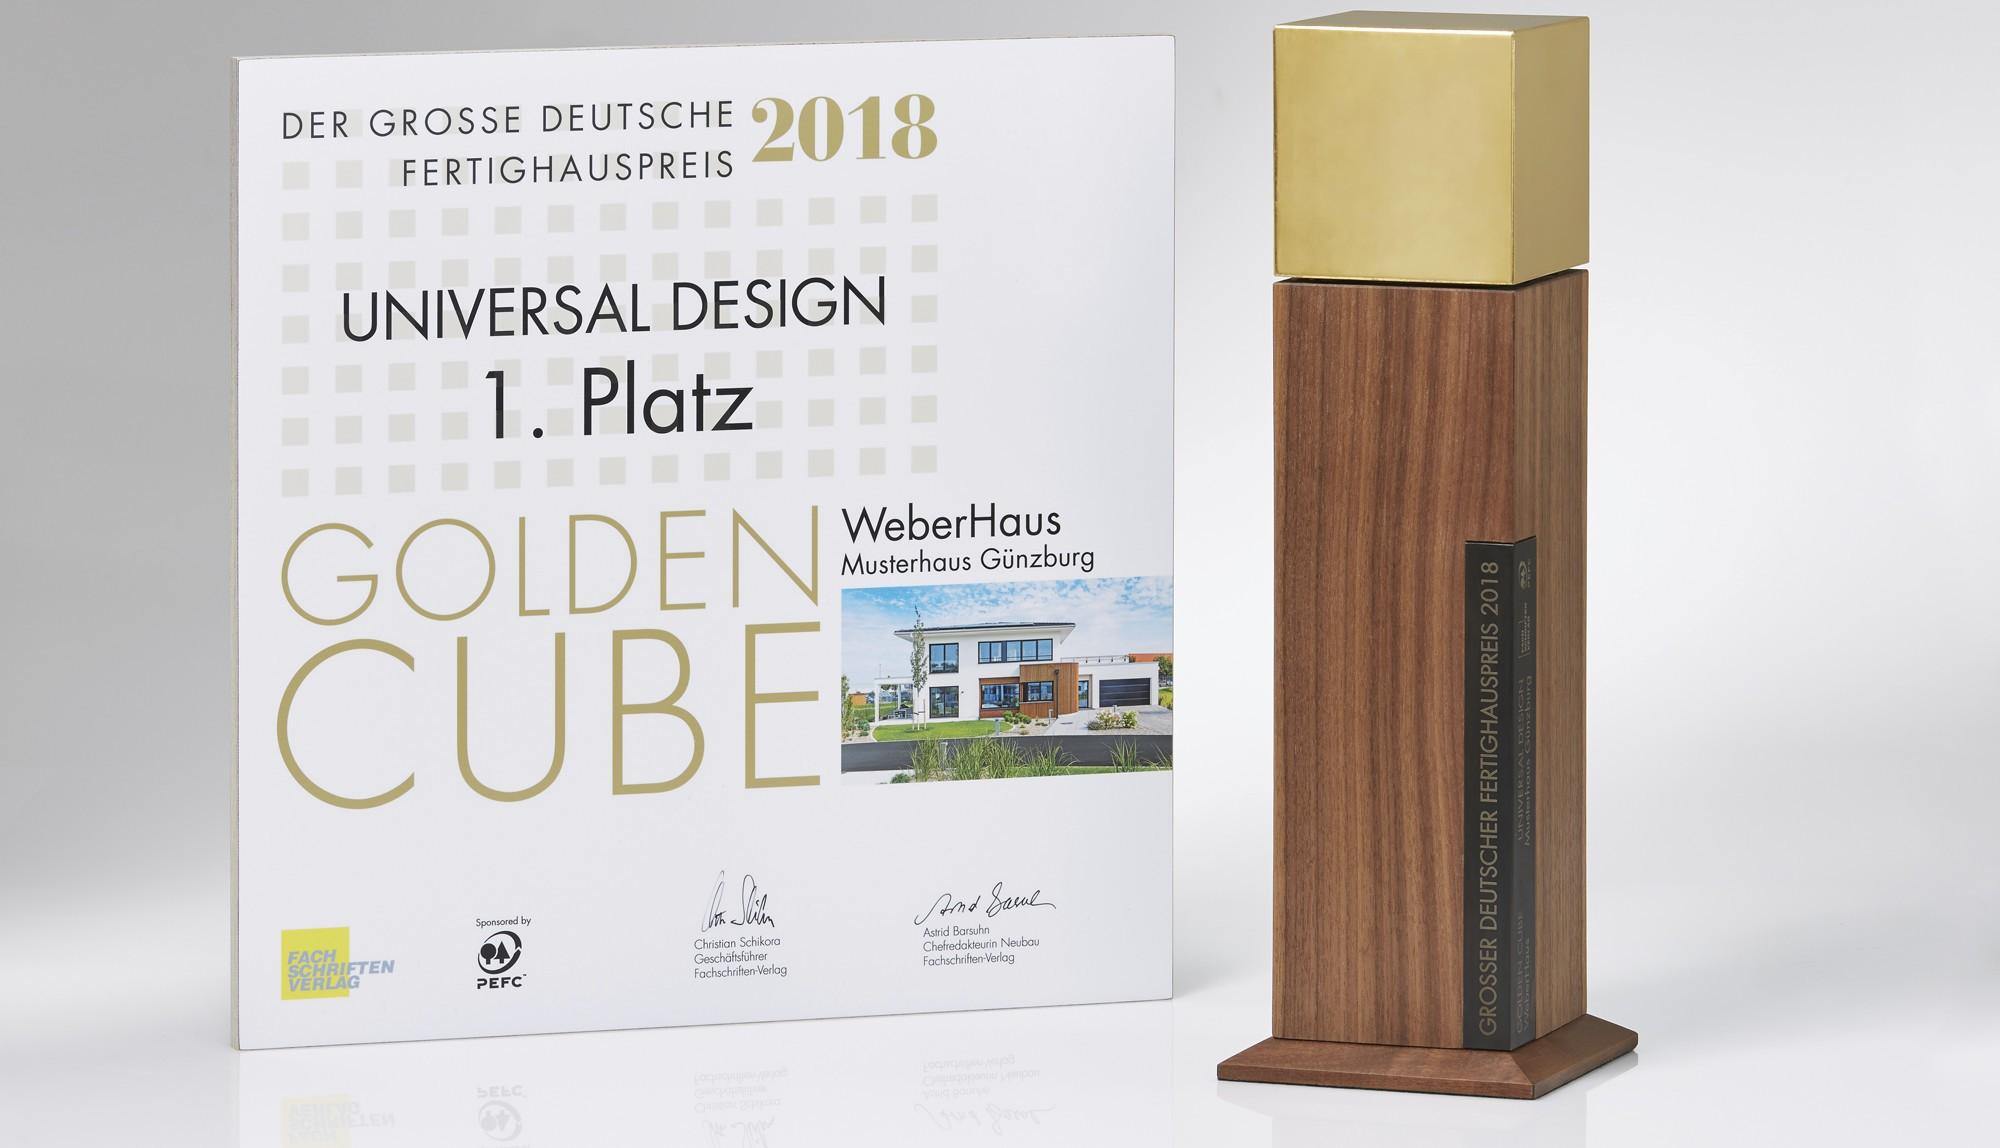 Turbo WeberHaus - Moderne Stadtvilla setzt neue Maßstäbe YL84